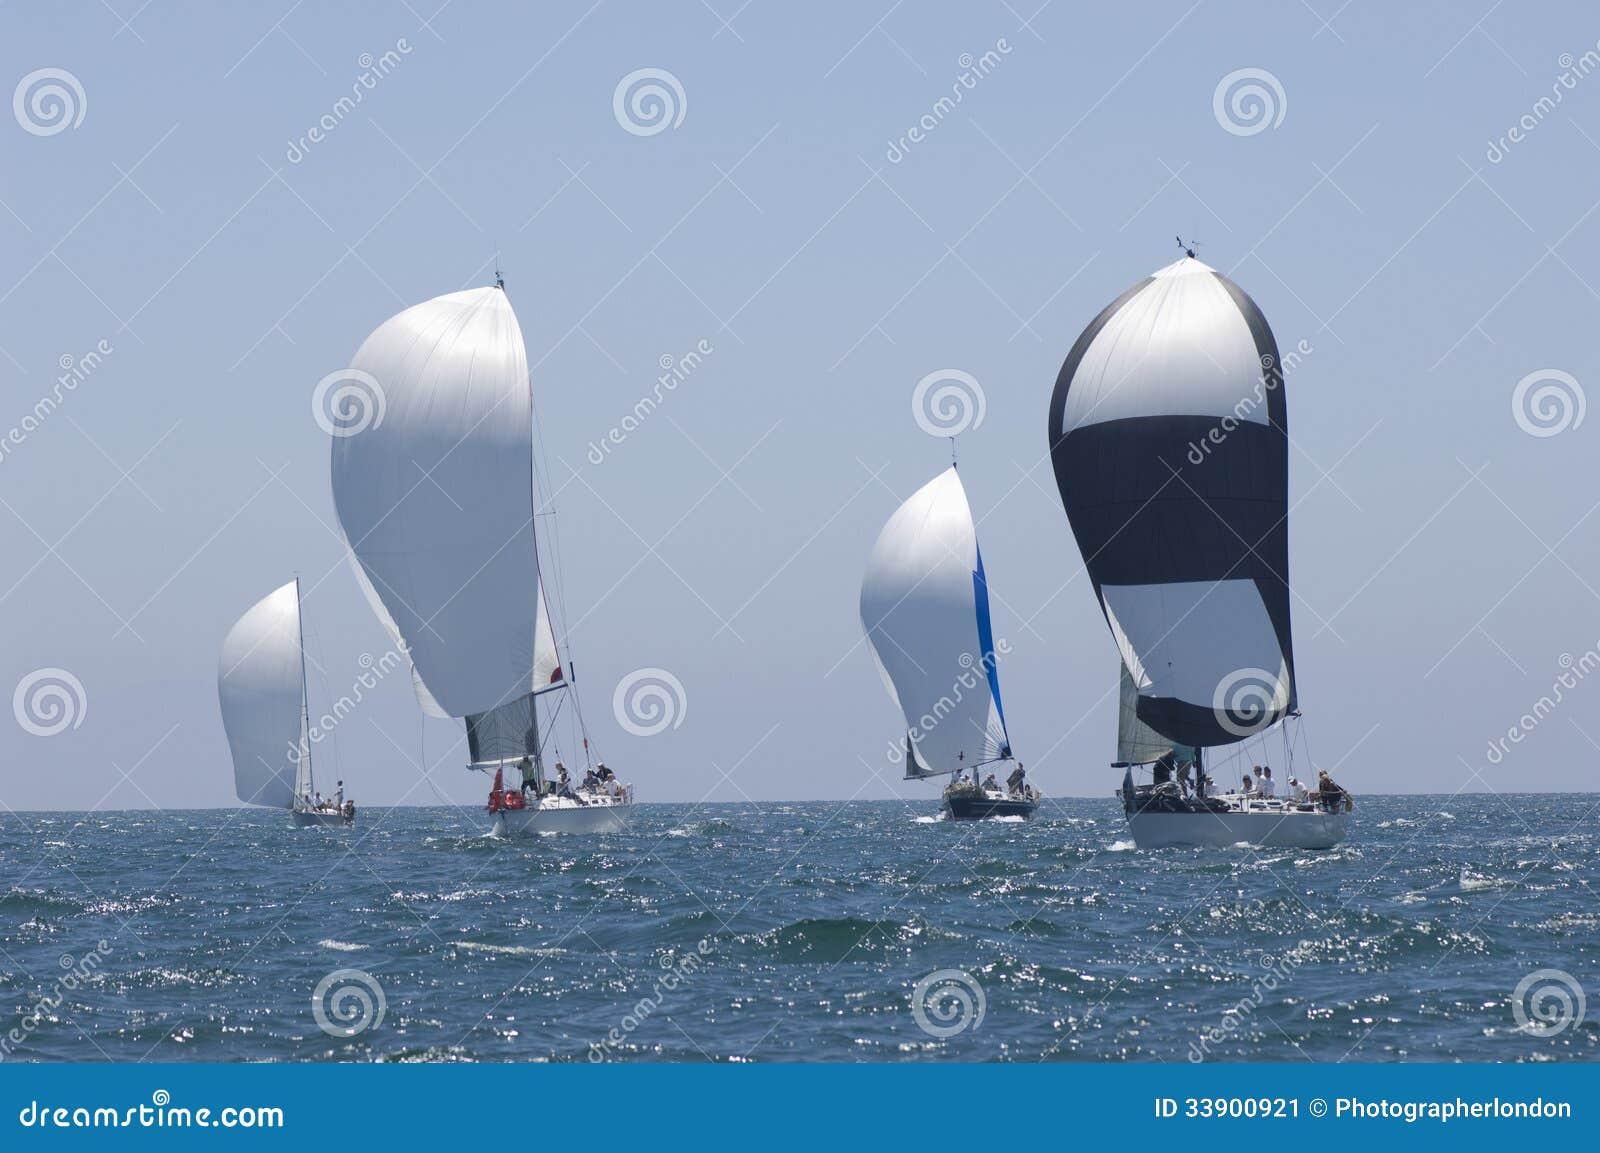 Τα γιοτ ανταγωνίζονται στο γεγονός ναυσιπλοΐας ομάδας